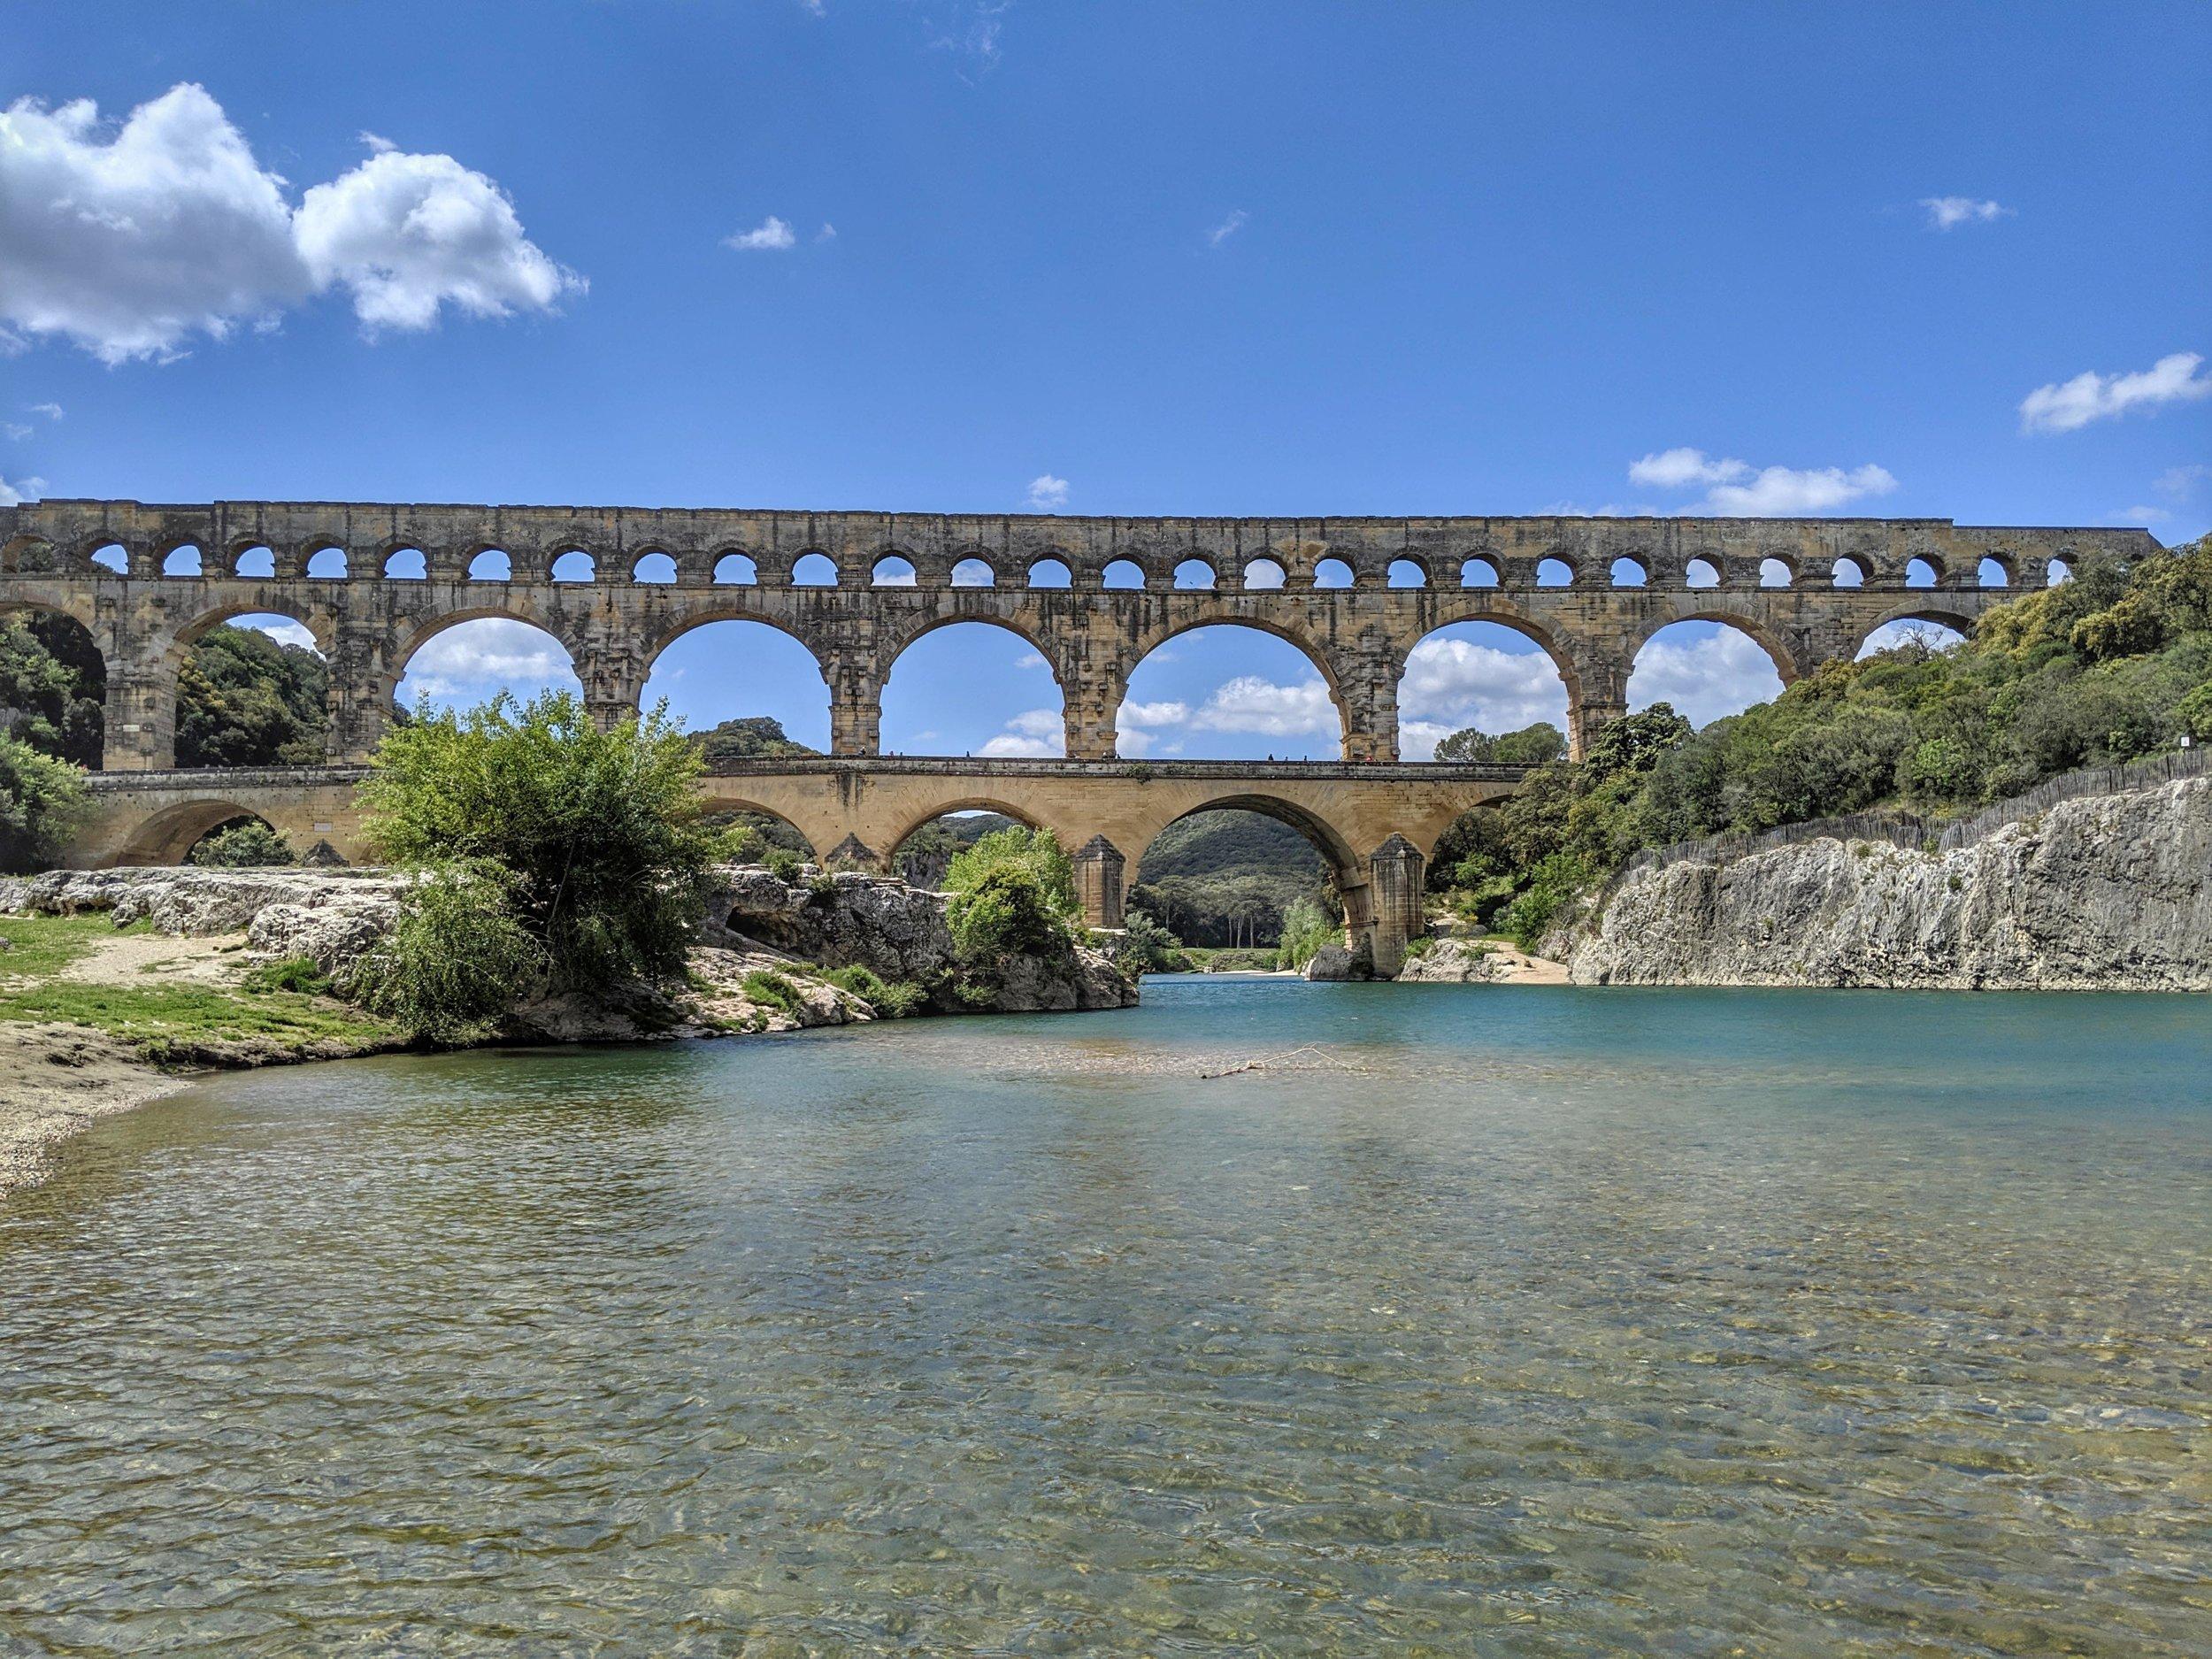 The magnificent Pont du Gard